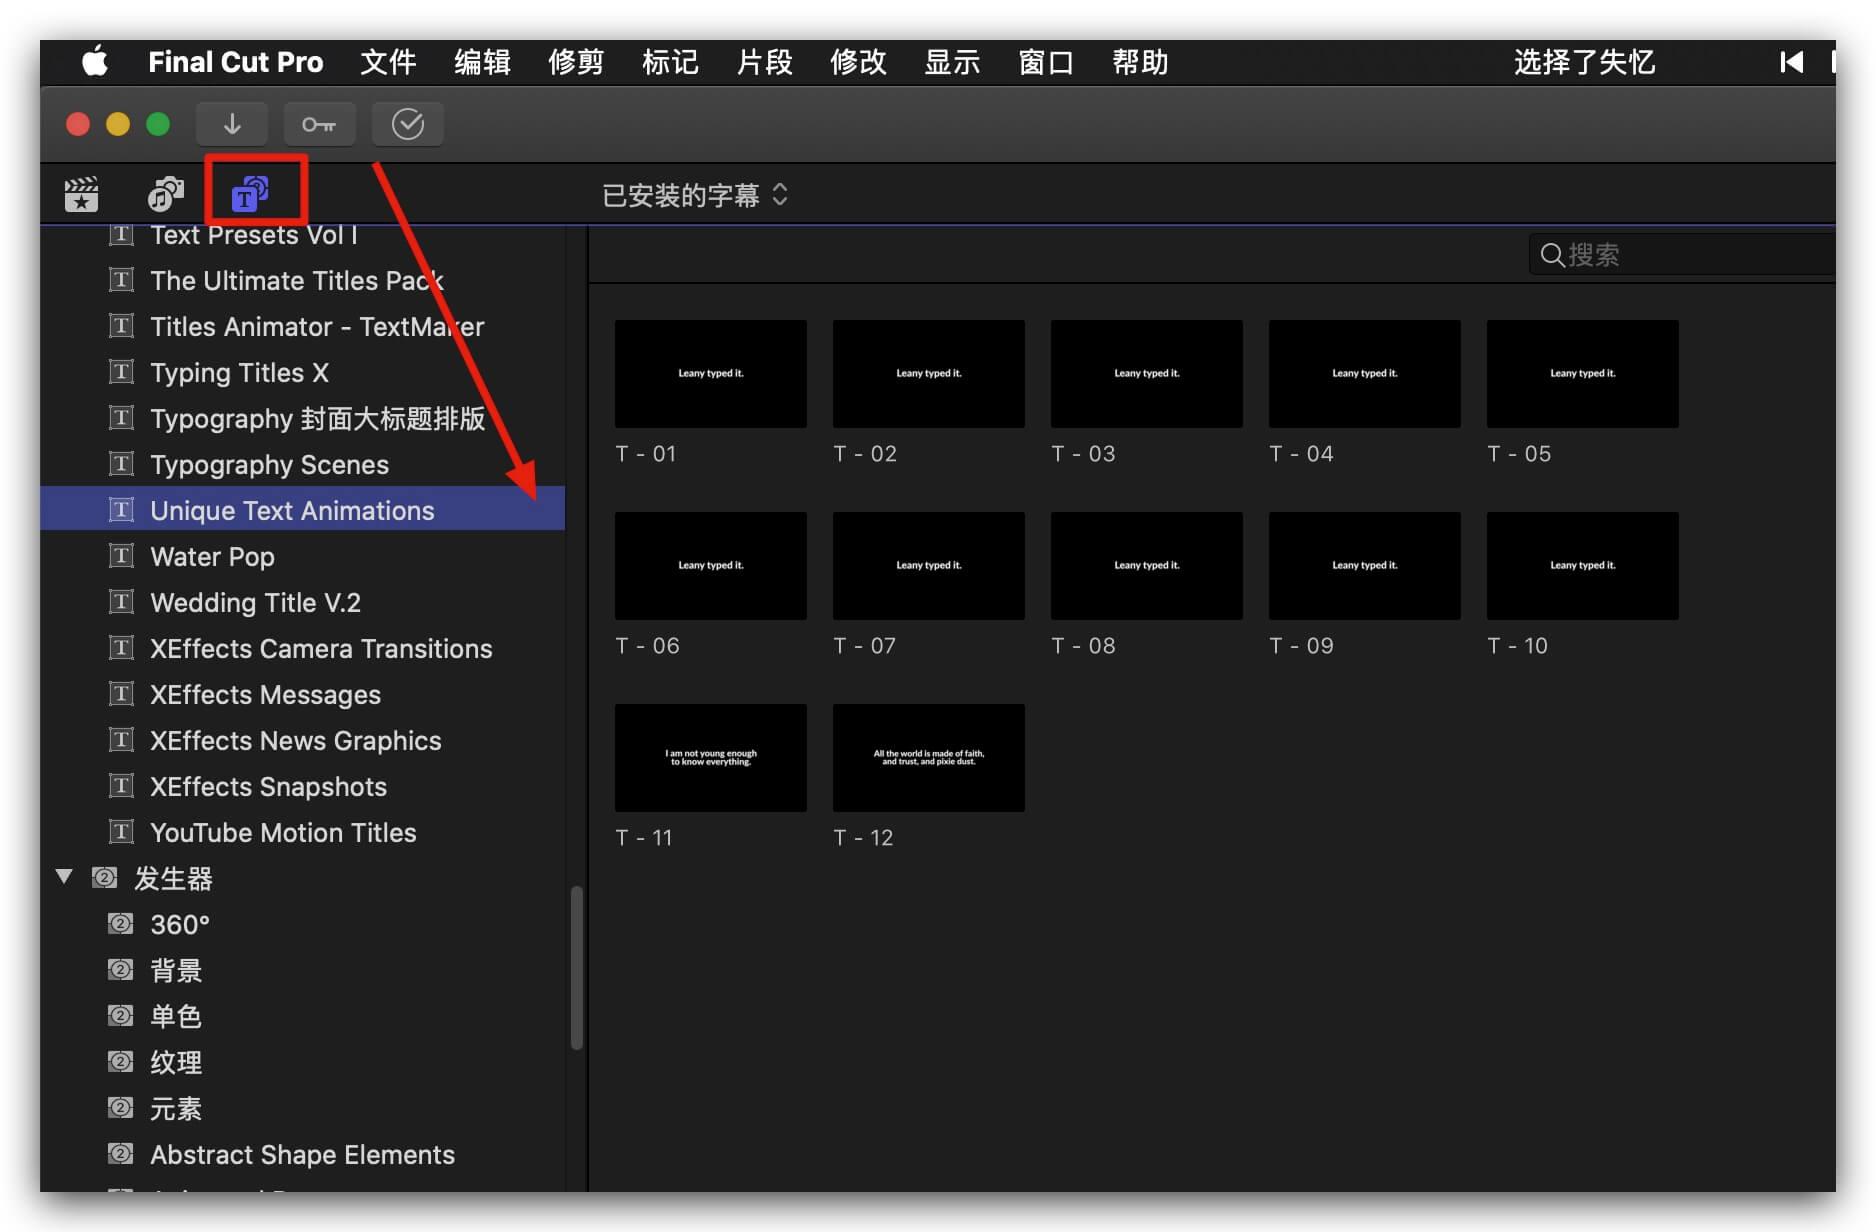 FCPX字幕插件 12种文字飞散旋转聚集打字闪烁效果预设